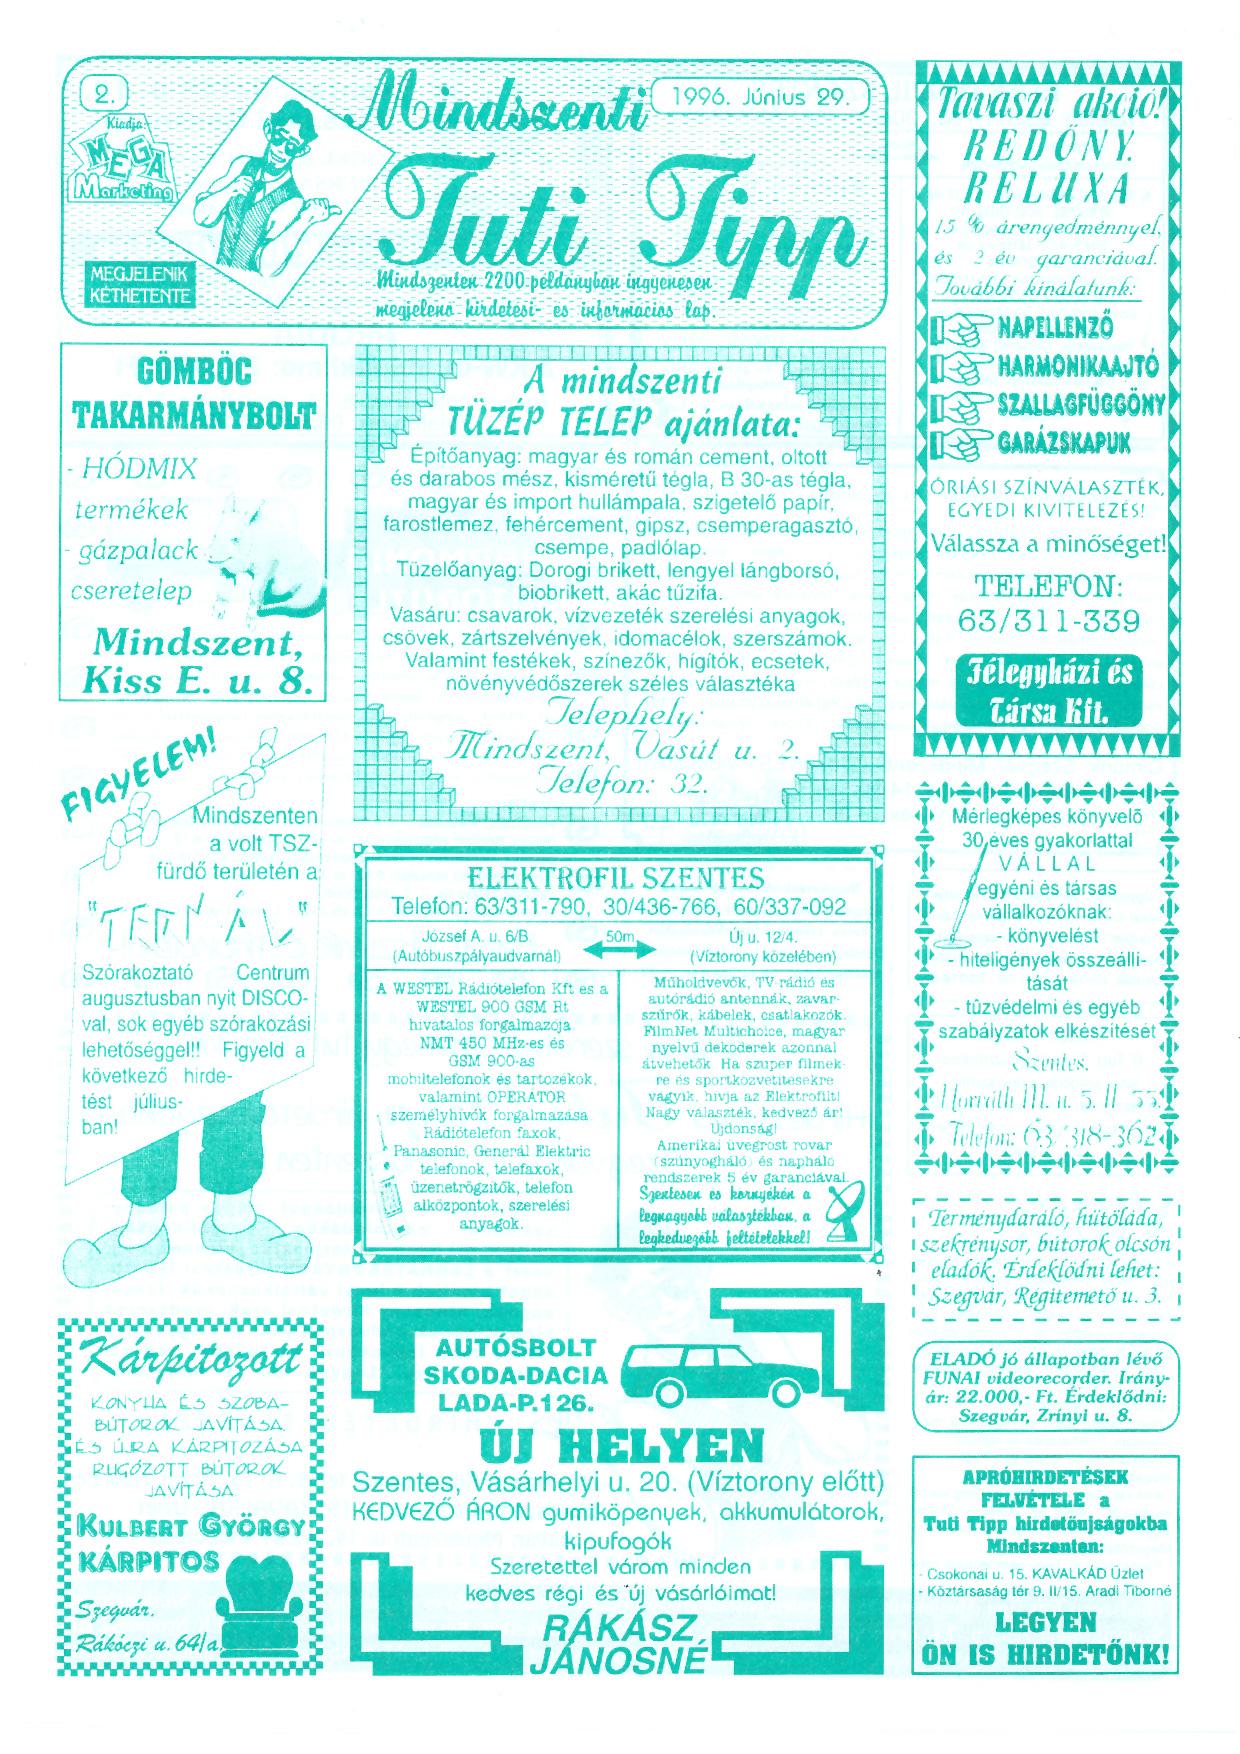 031 Mindszenti Tuti Tipp reklámújság - 19960629-002. lapszám - 1.oldal - II. évfolyam.jpg